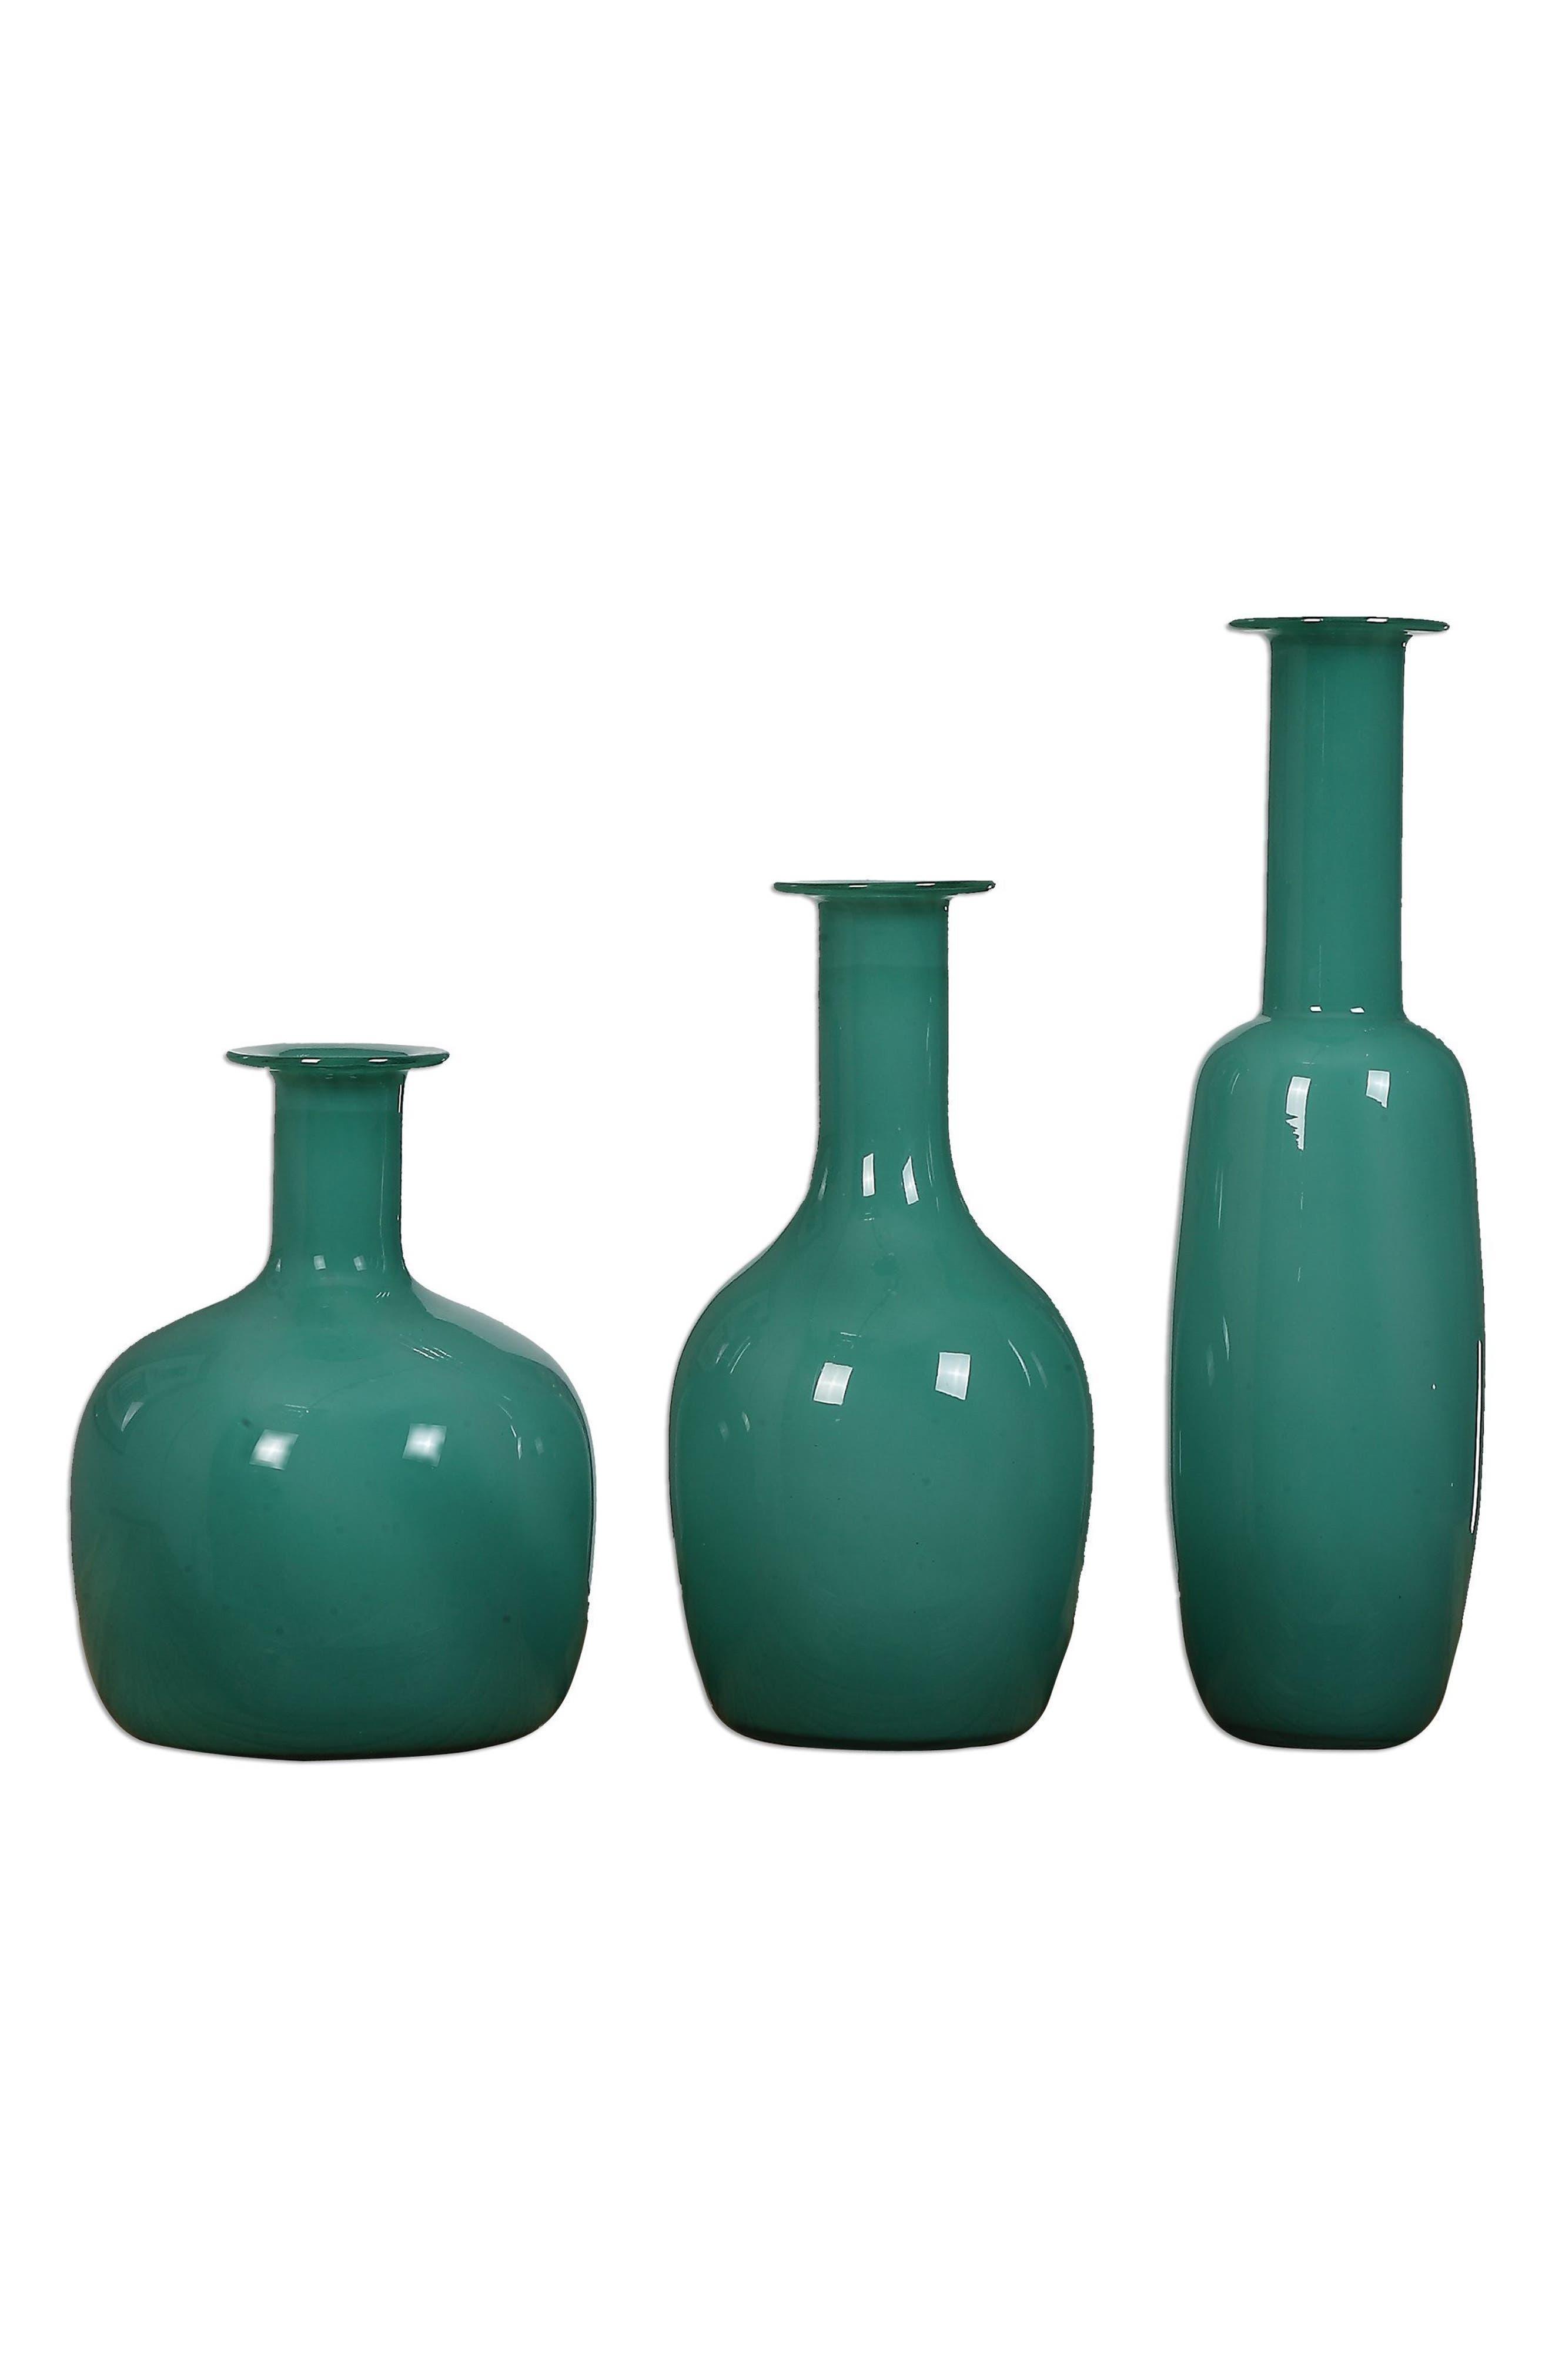 Main Image - Uttermost Set of 3 Baram Vases